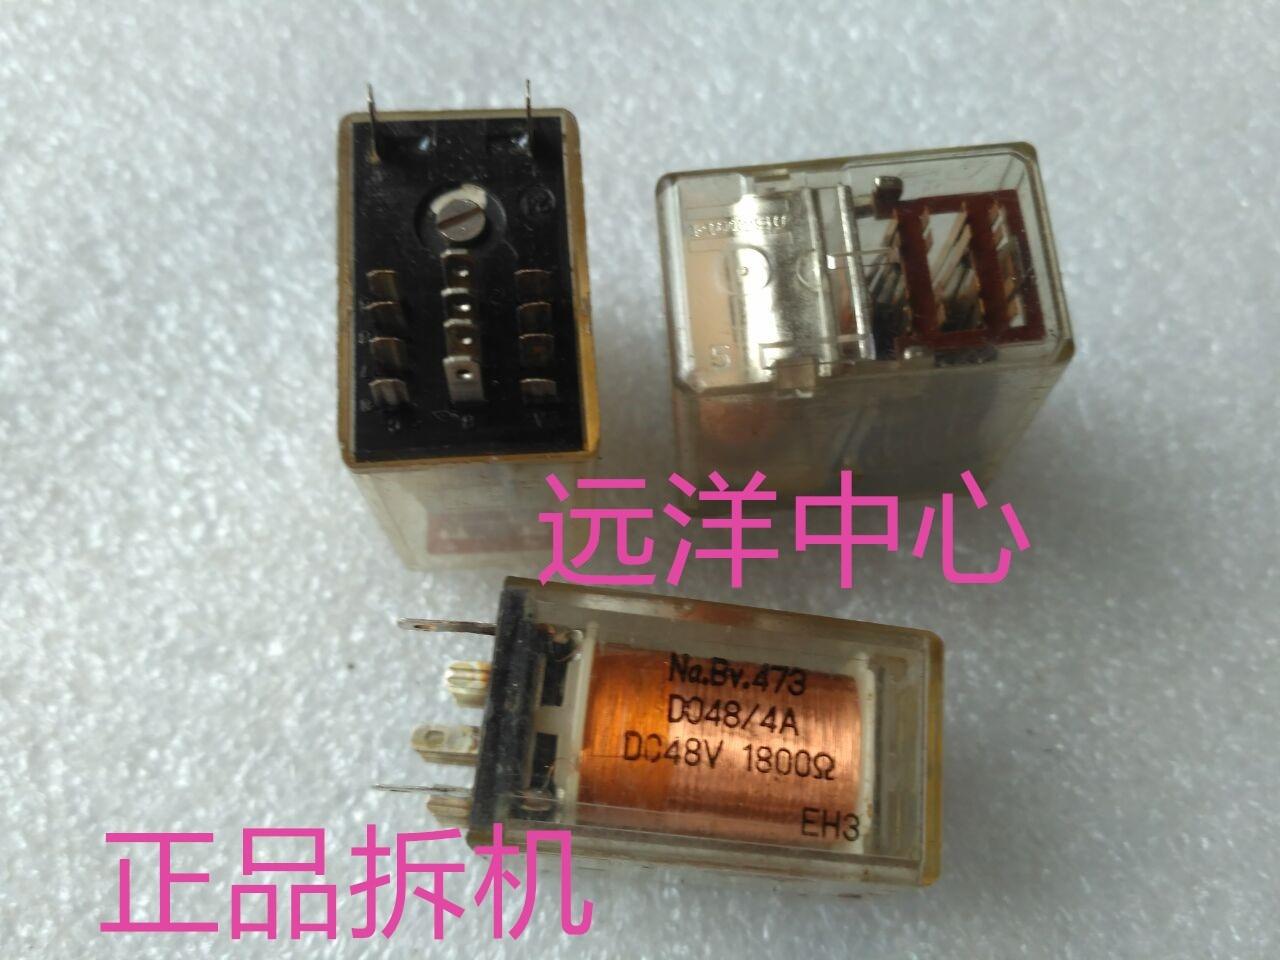 Na.Bv.473 D048/4A DC48V 1800  14Na.Bv.473 D048/4A DC48V 1800  14